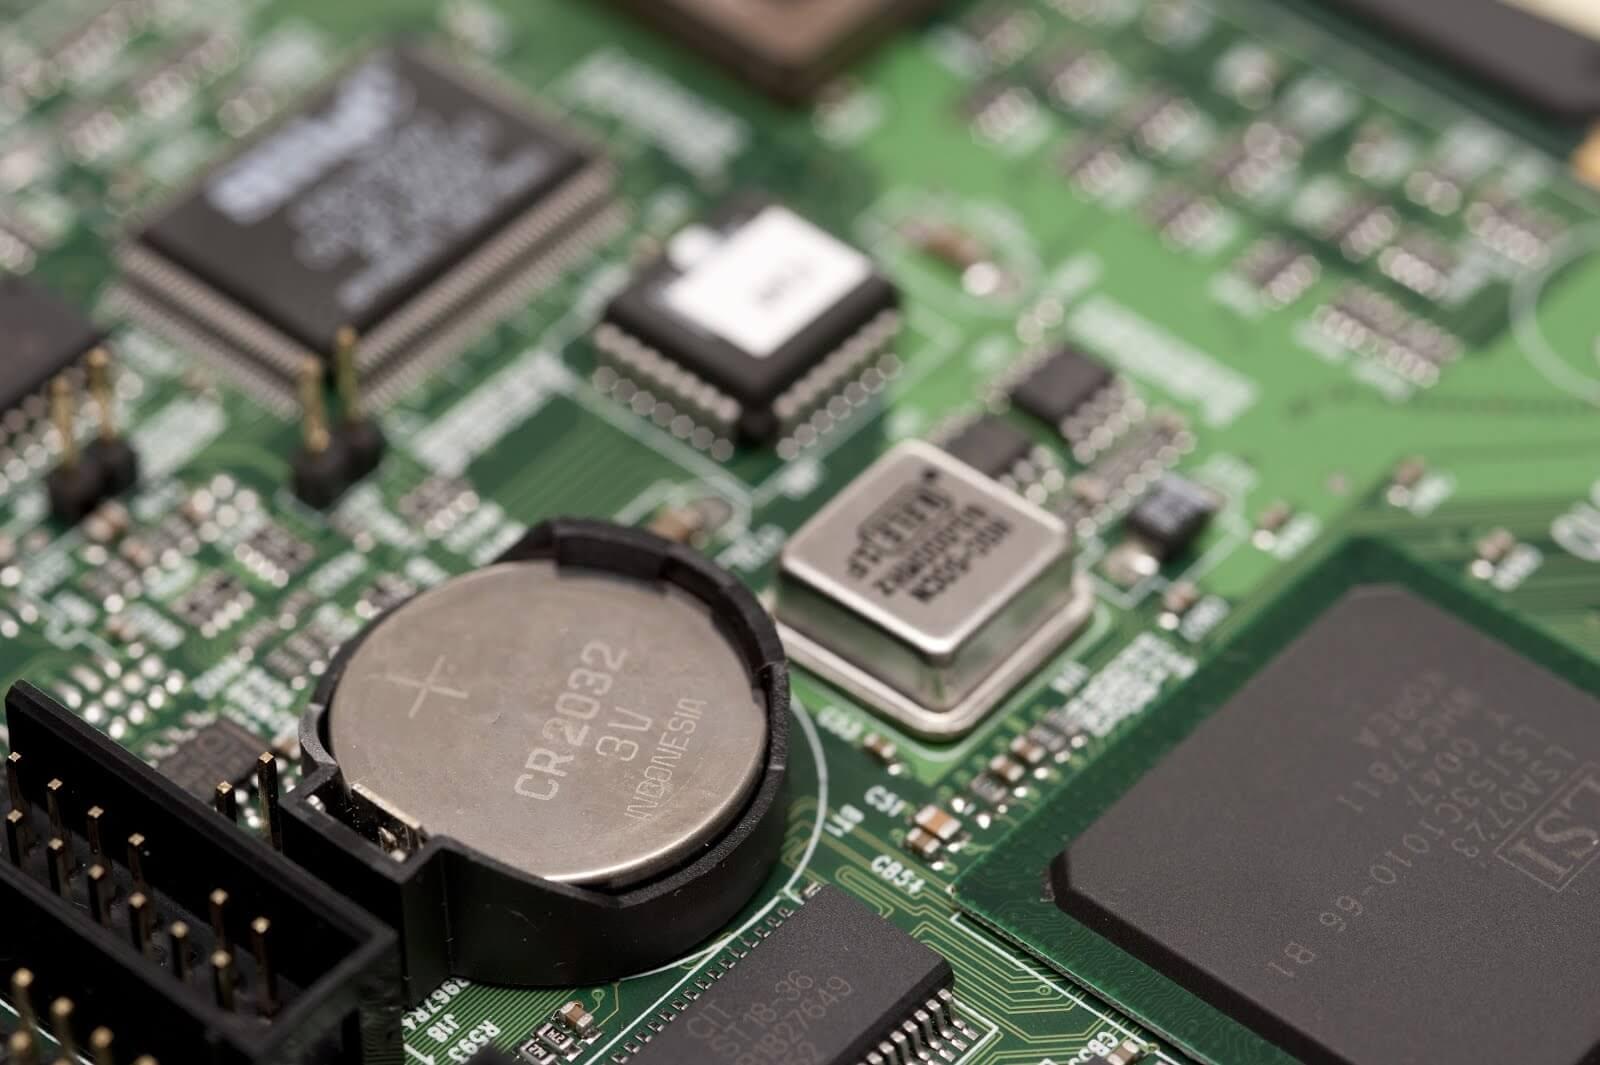 Bios sıfırlama ne işe yarar Bilgisayarda BIOS Nasıl Sıfırlanır Bilgisayarda BIOS Nasıl Sıfırlanır bios sifirlama